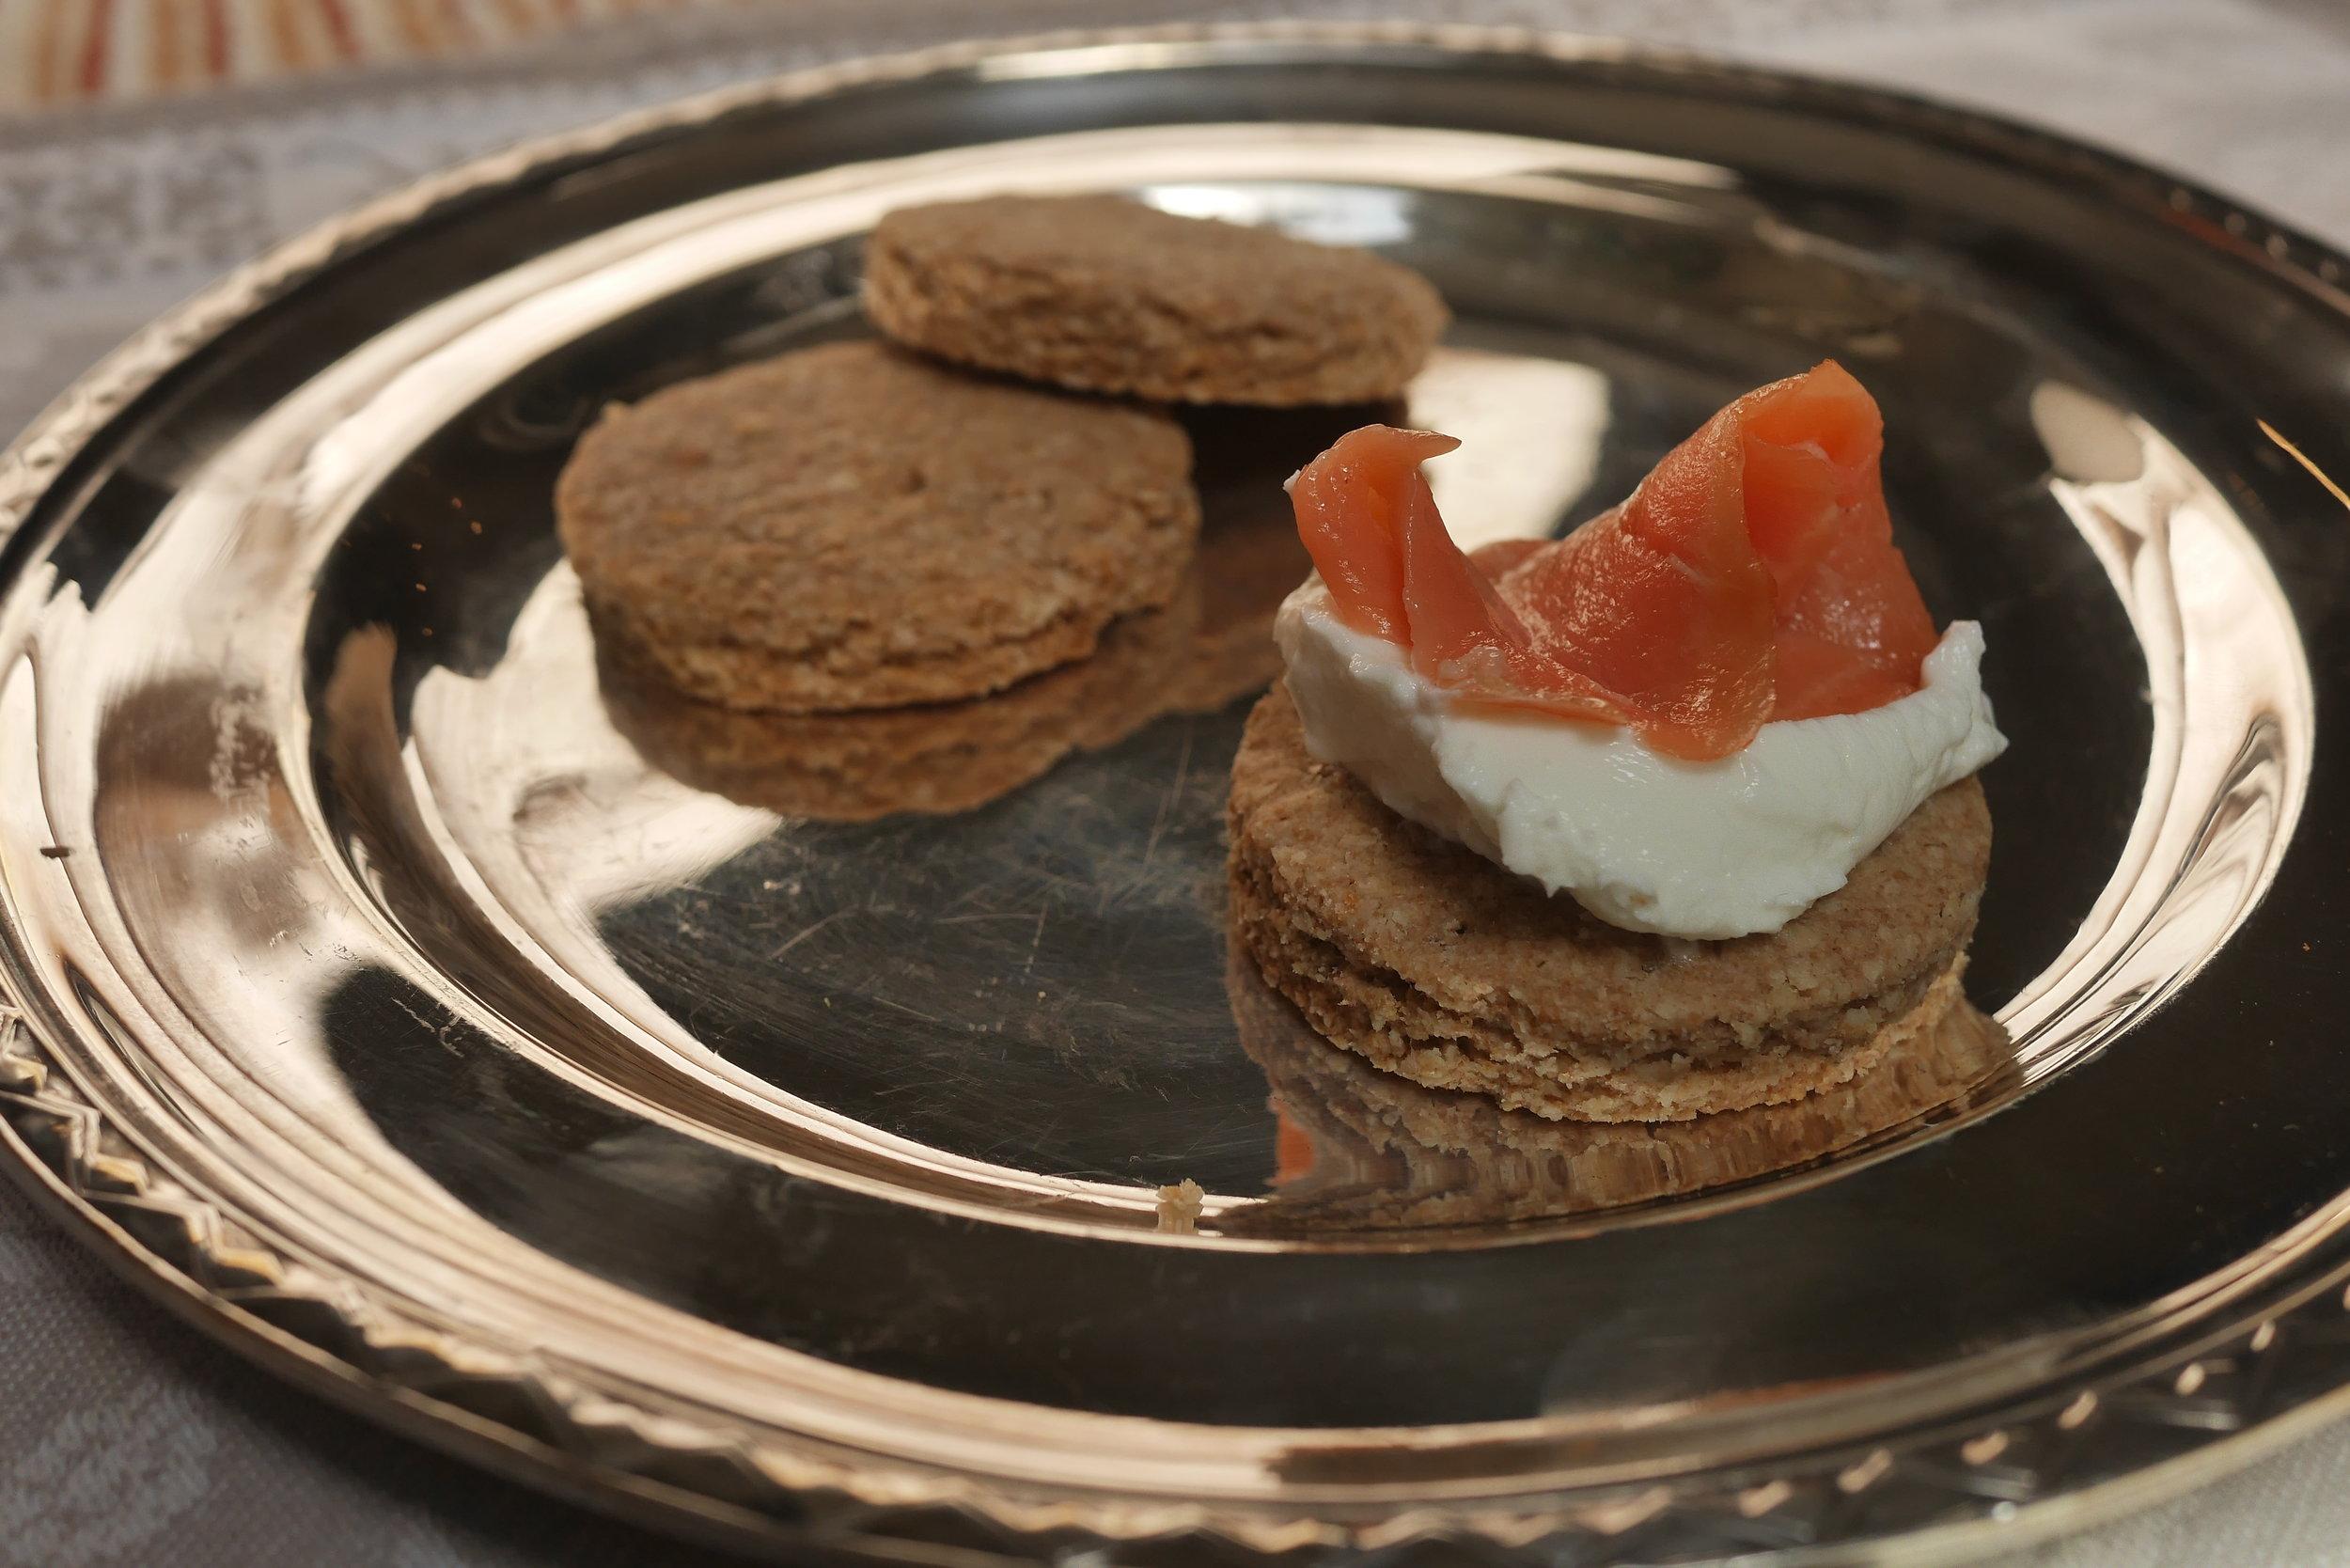 scottish-oat-cakes.JPG